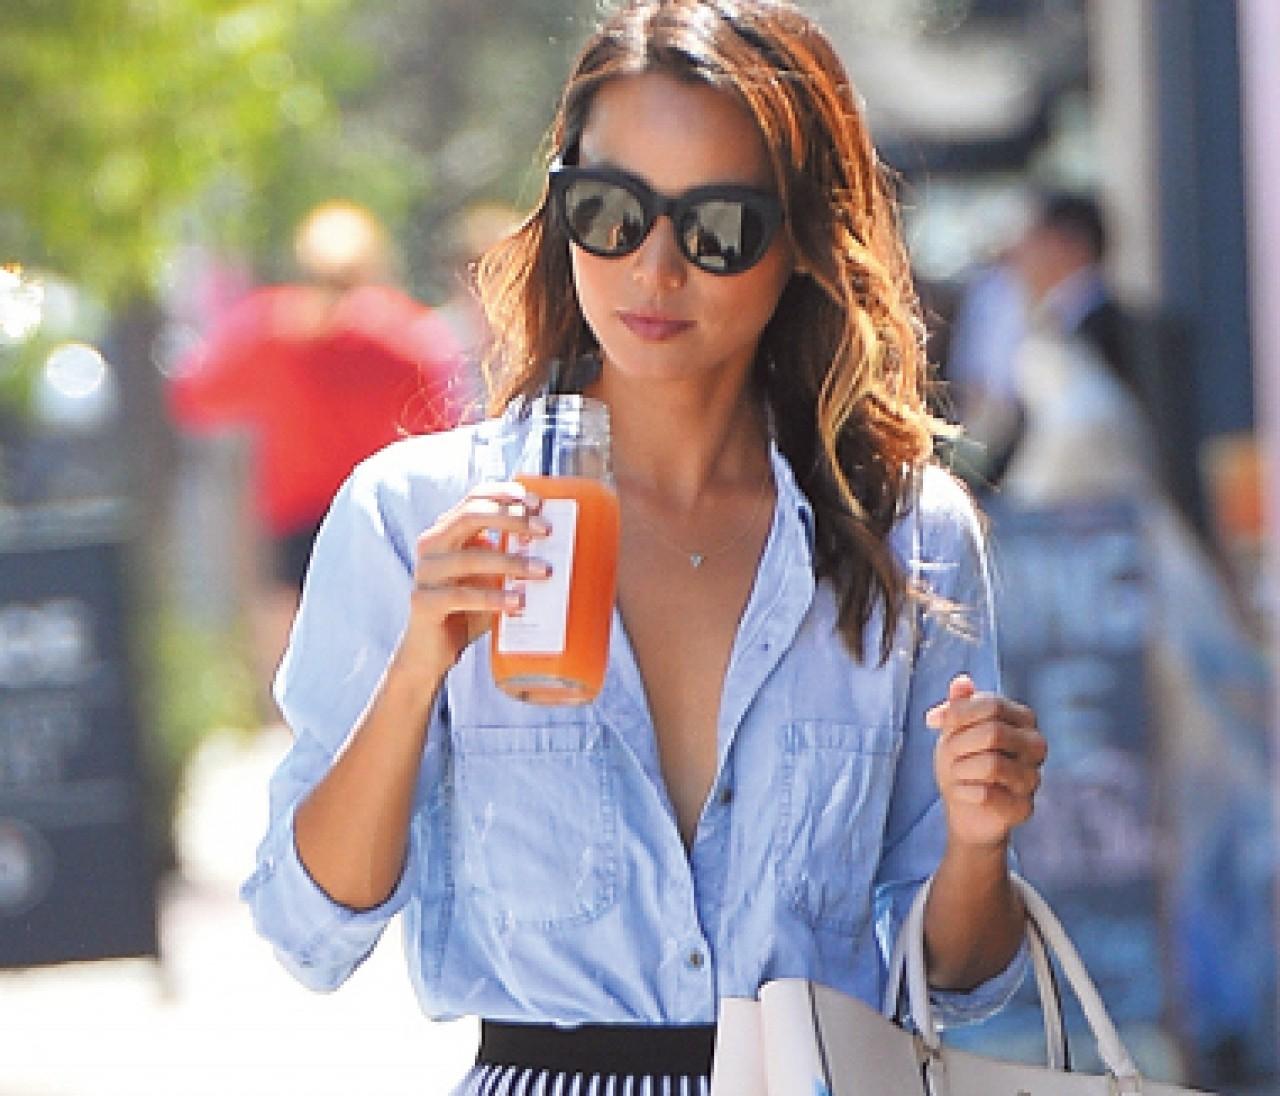 【日めくりセレブ】ジェシカ・アルバが着こなす夏のシャツスタイル